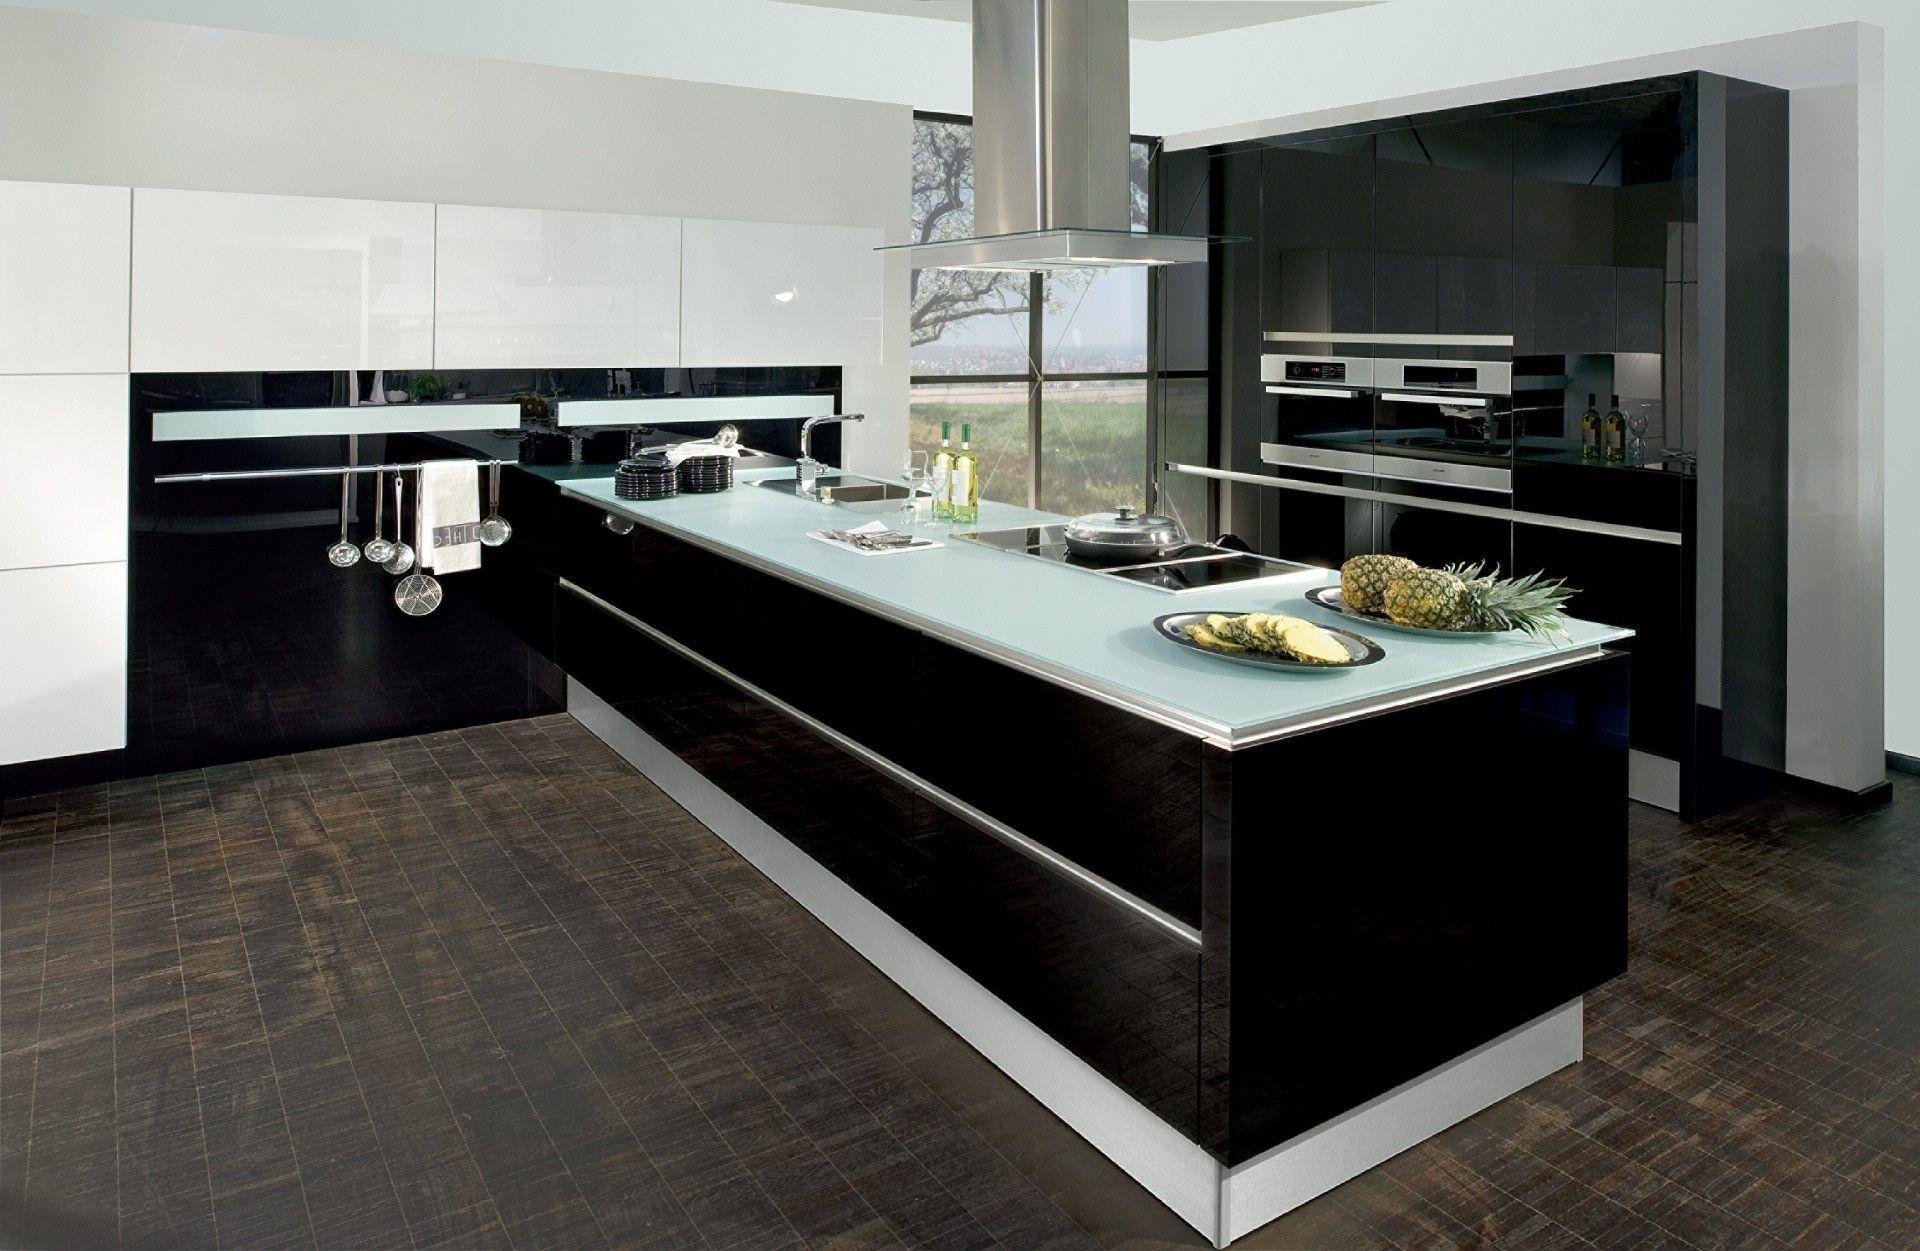 28 Genial Küche Glasrückwand (With images) Kitchen, Home